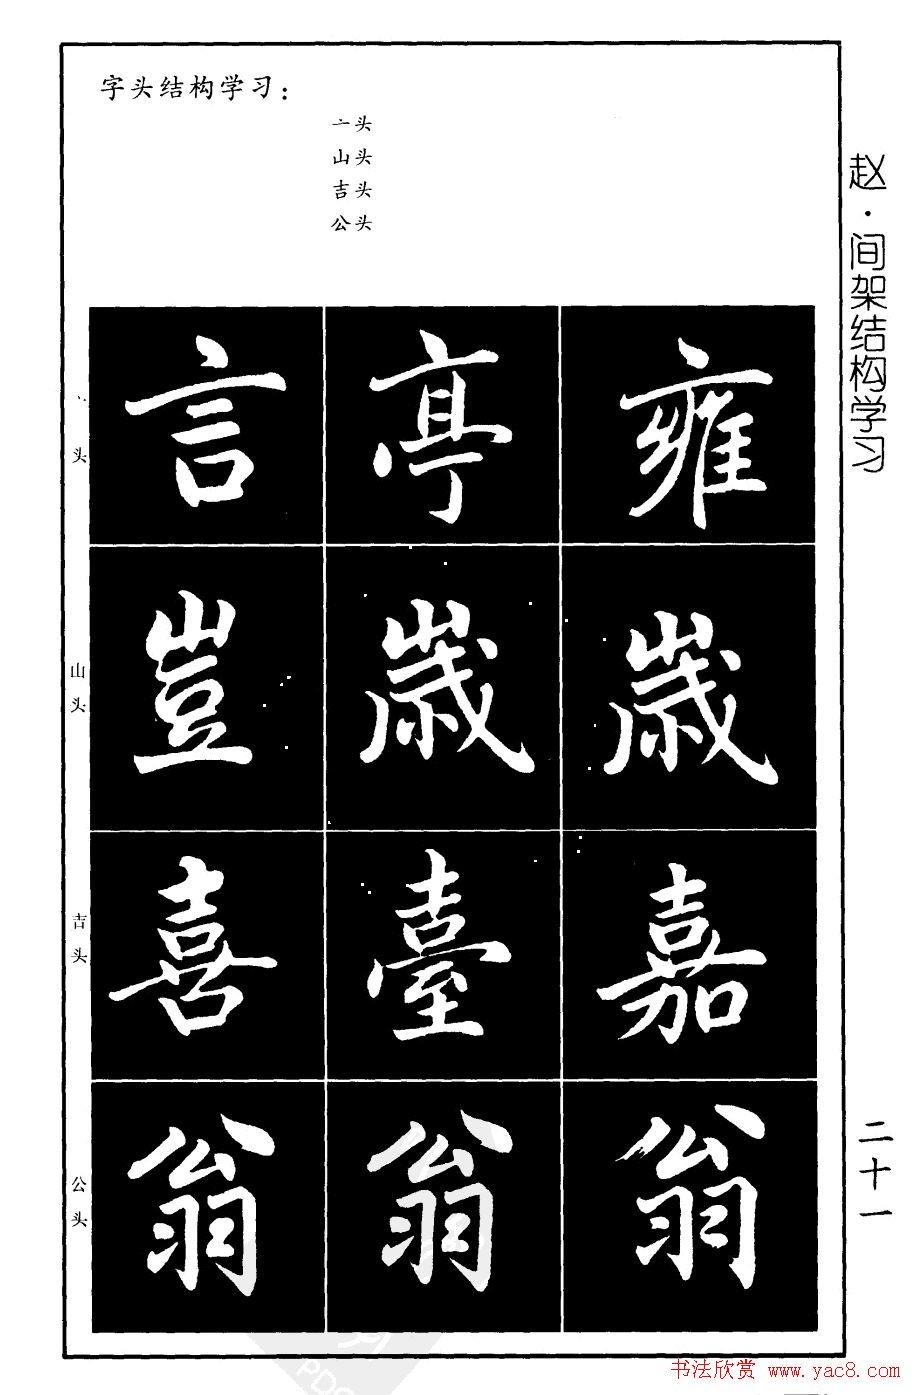 赵孟頫楷书习字帖放大图片44P 第21页 楷书字帖 书法欣赏